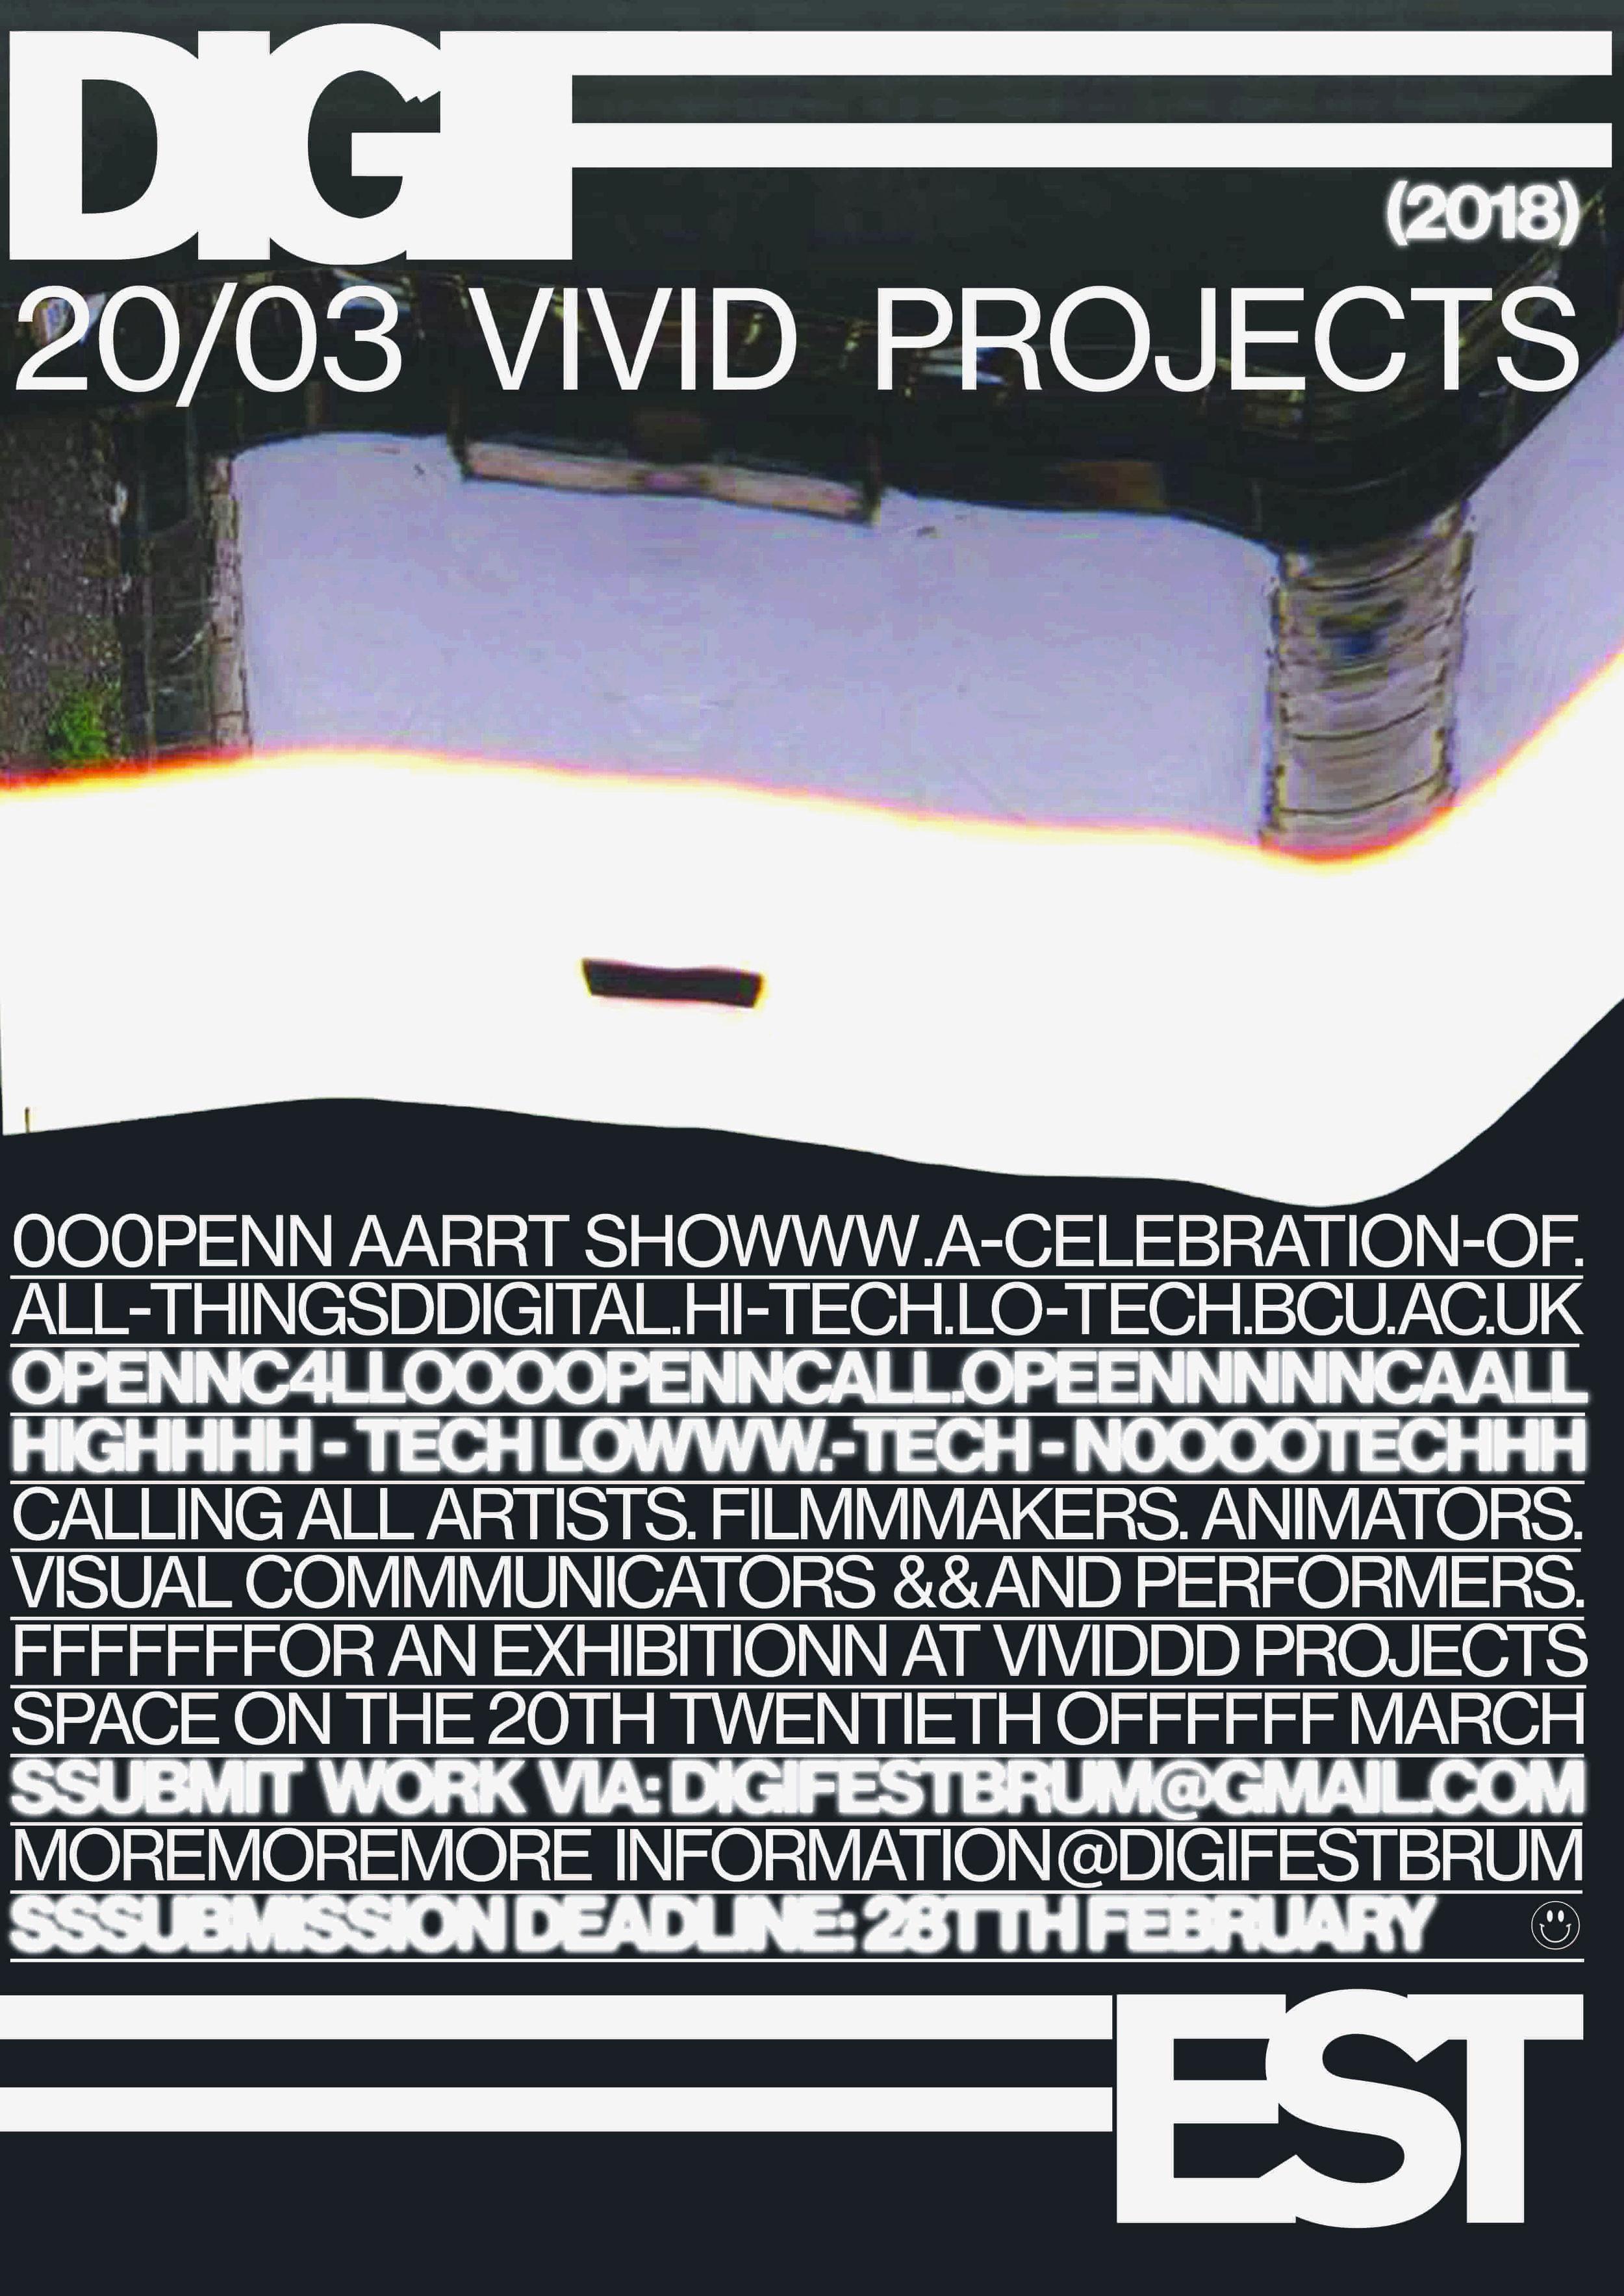 caitlin digifest poster v1.jpg